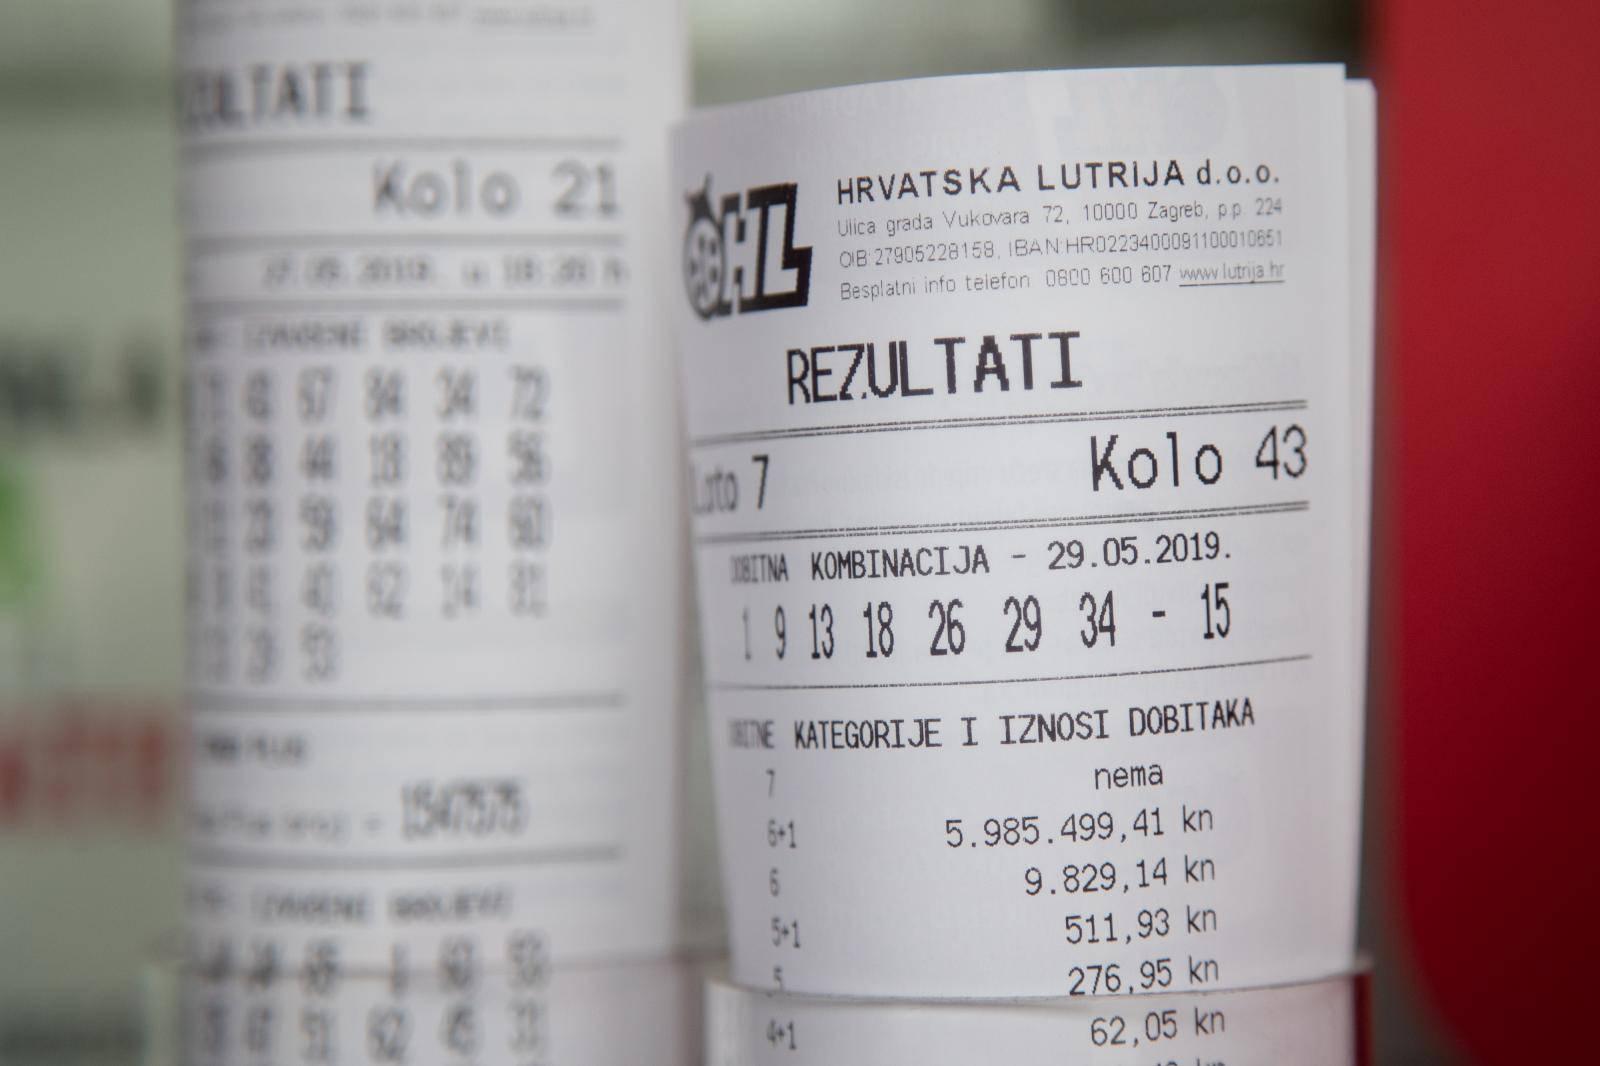 Sretnik iz Zagreba večeras je postao bogatiji za 871.470 kn